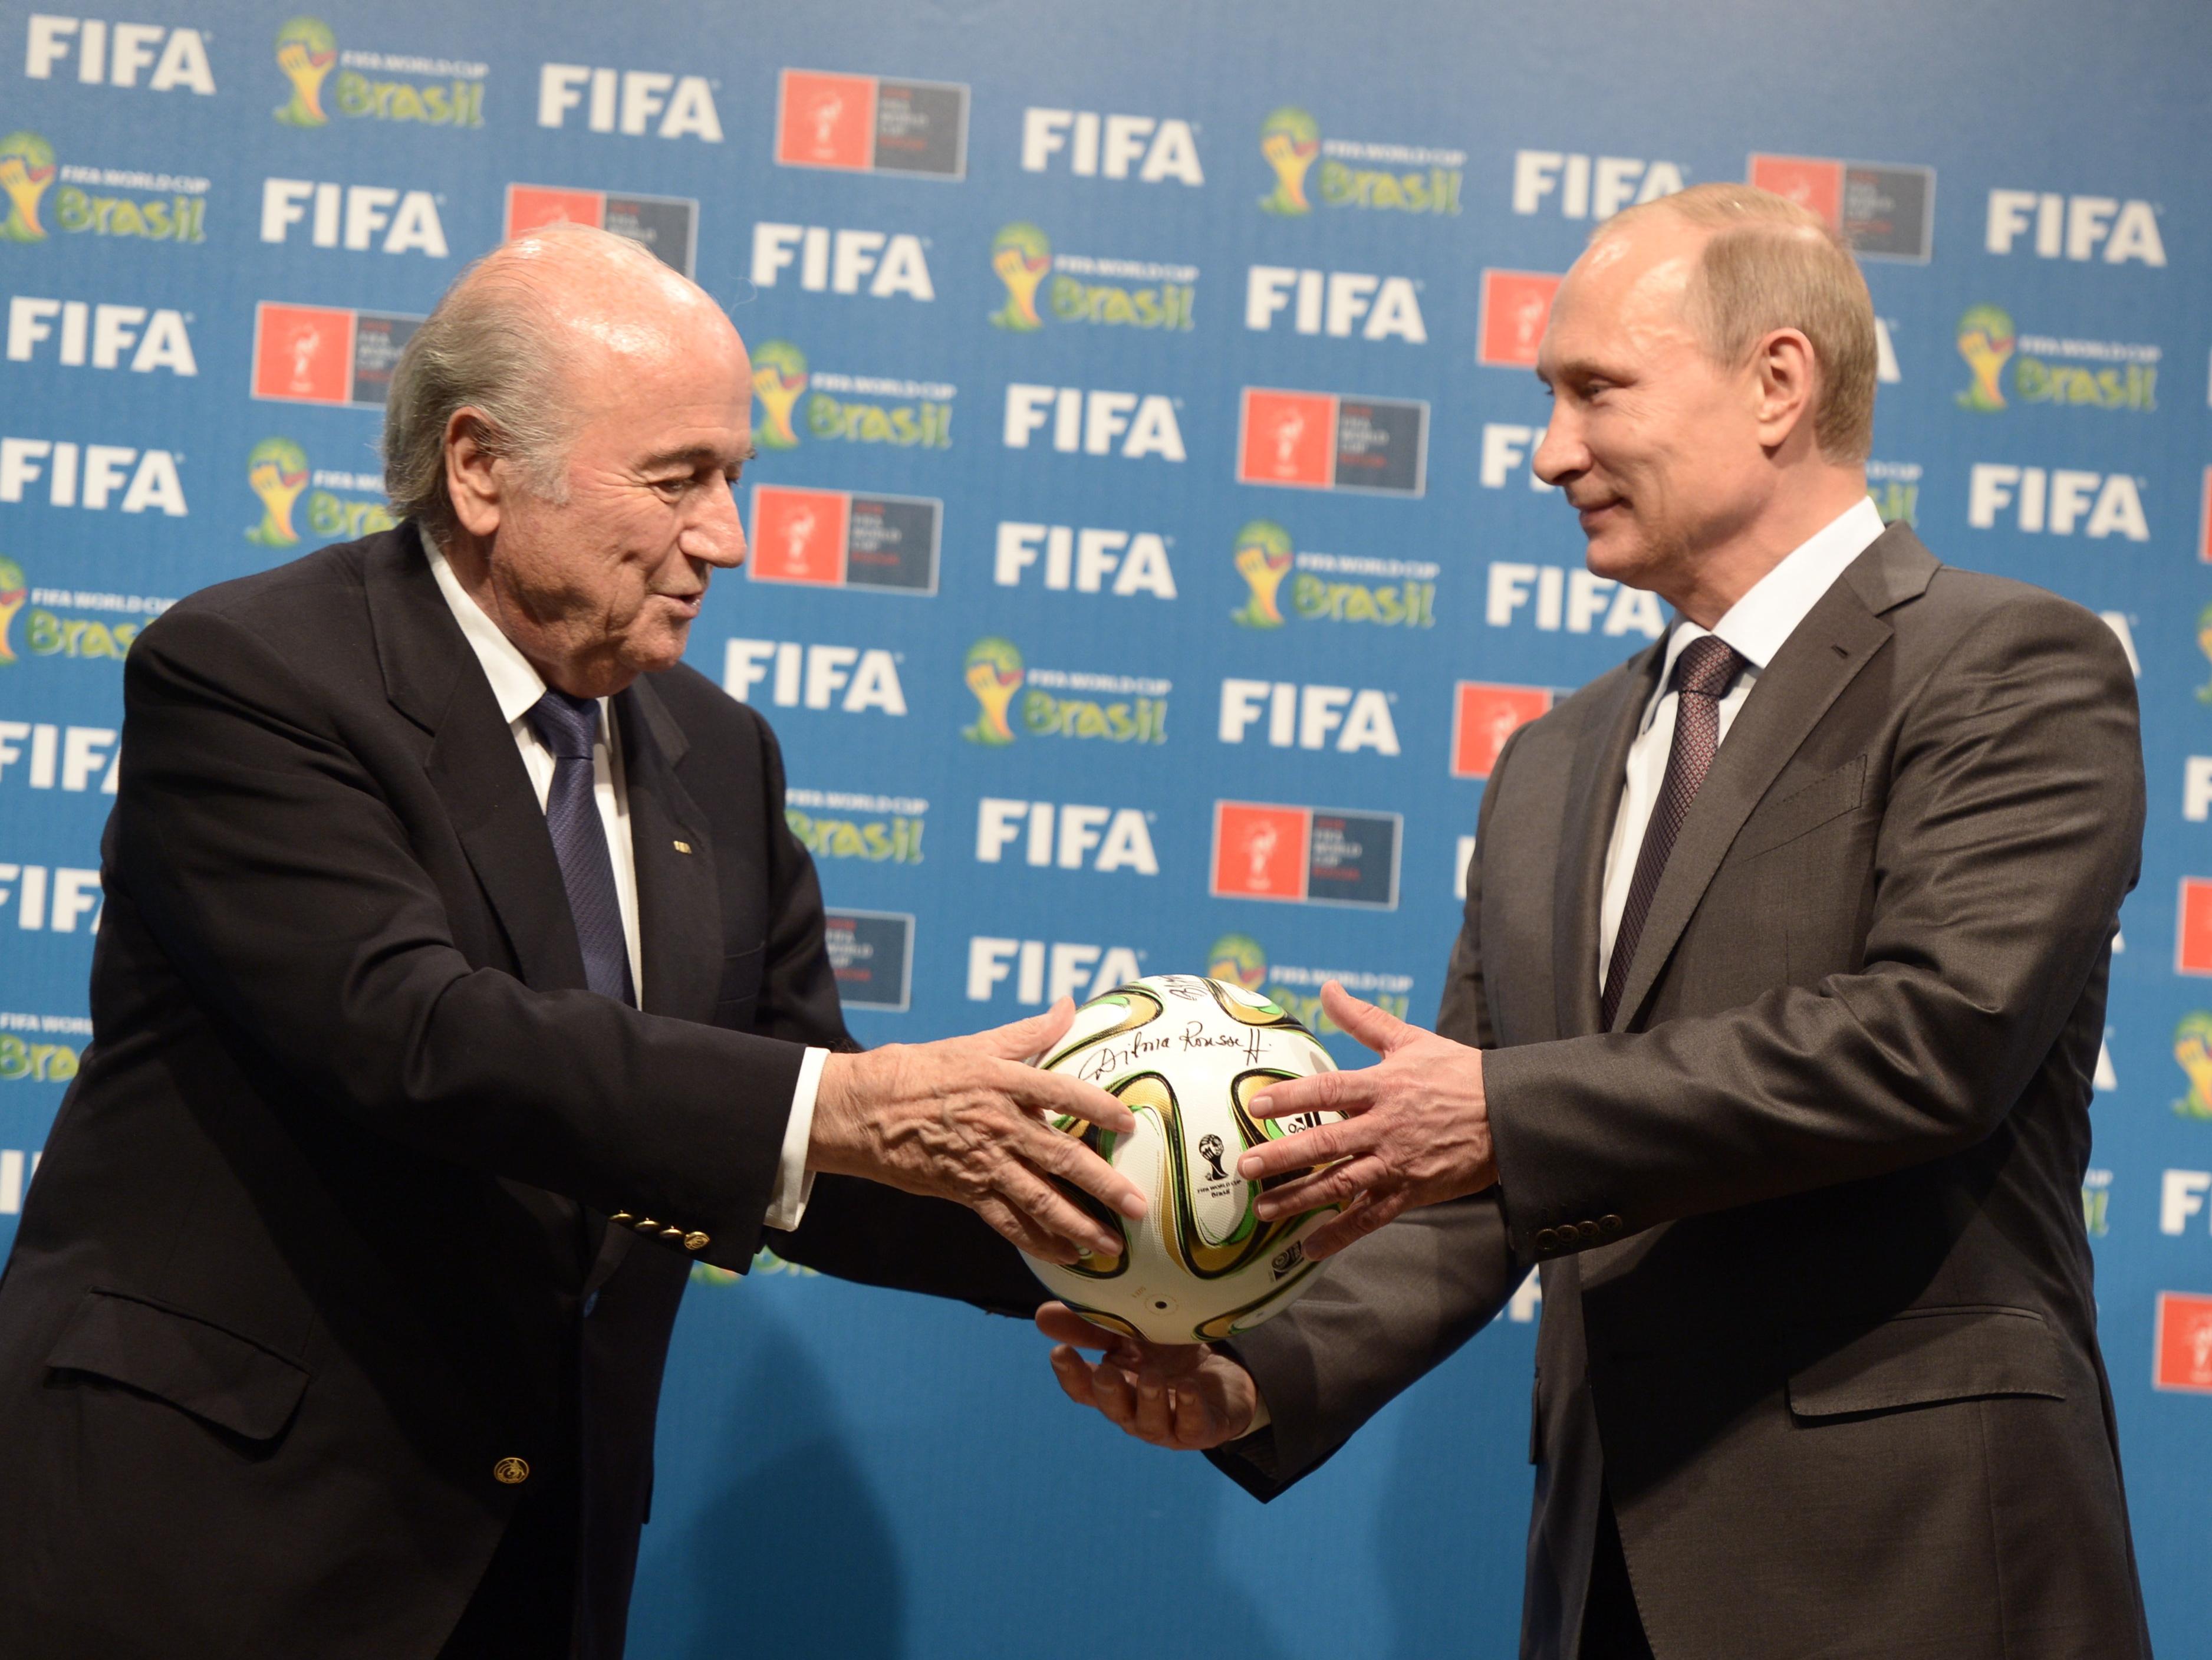 Рабочий визит президента России Владимира Путина в Бразилию